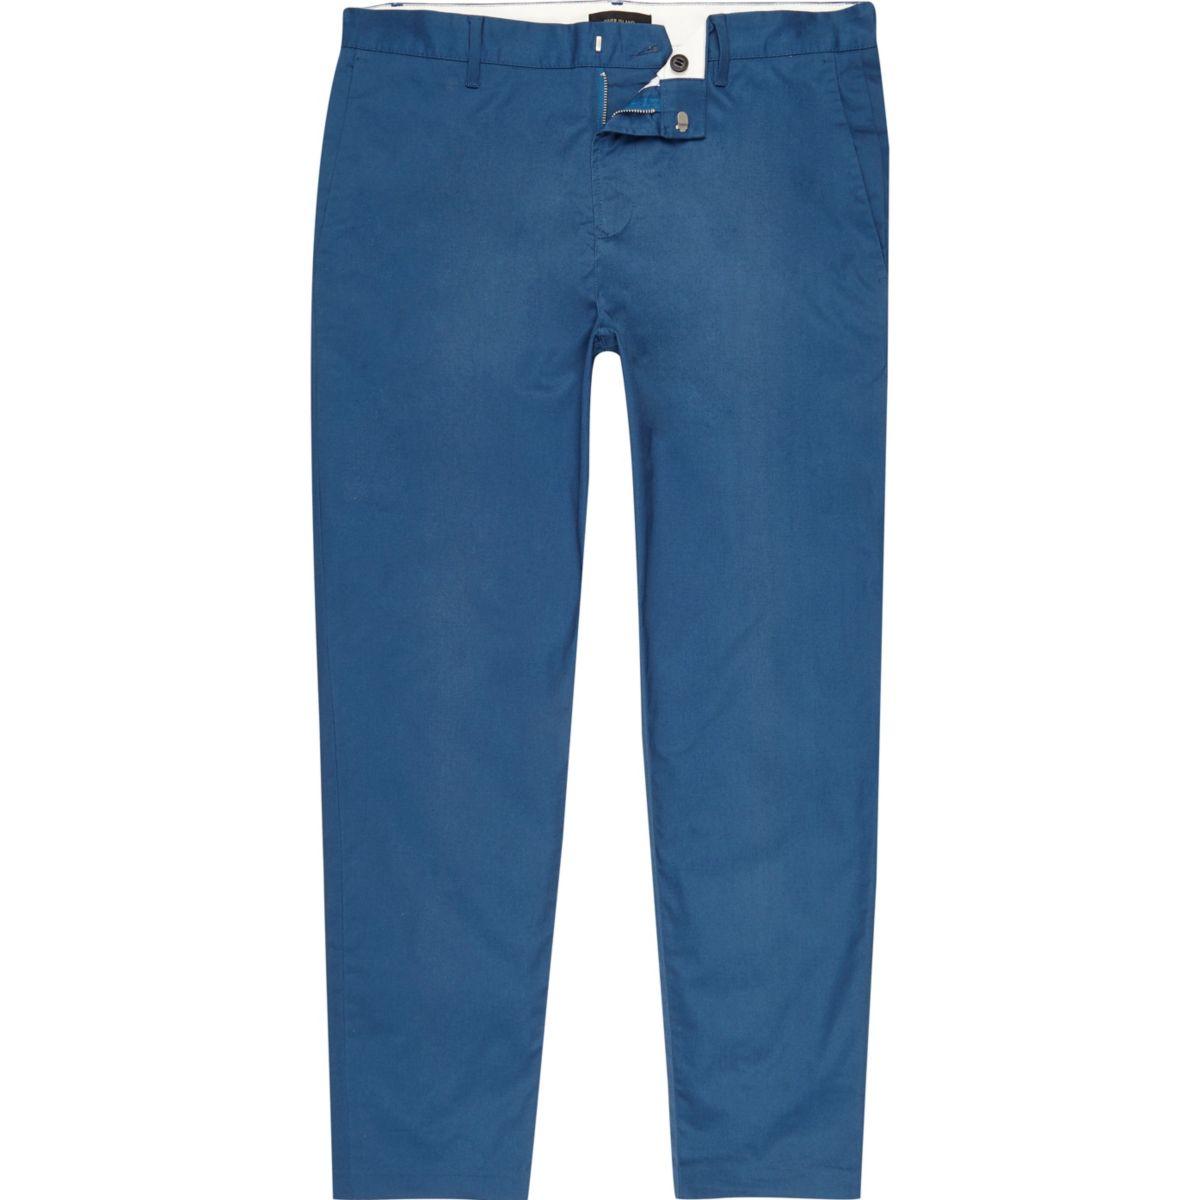 Pantalon chino slim bleu longueur cheville